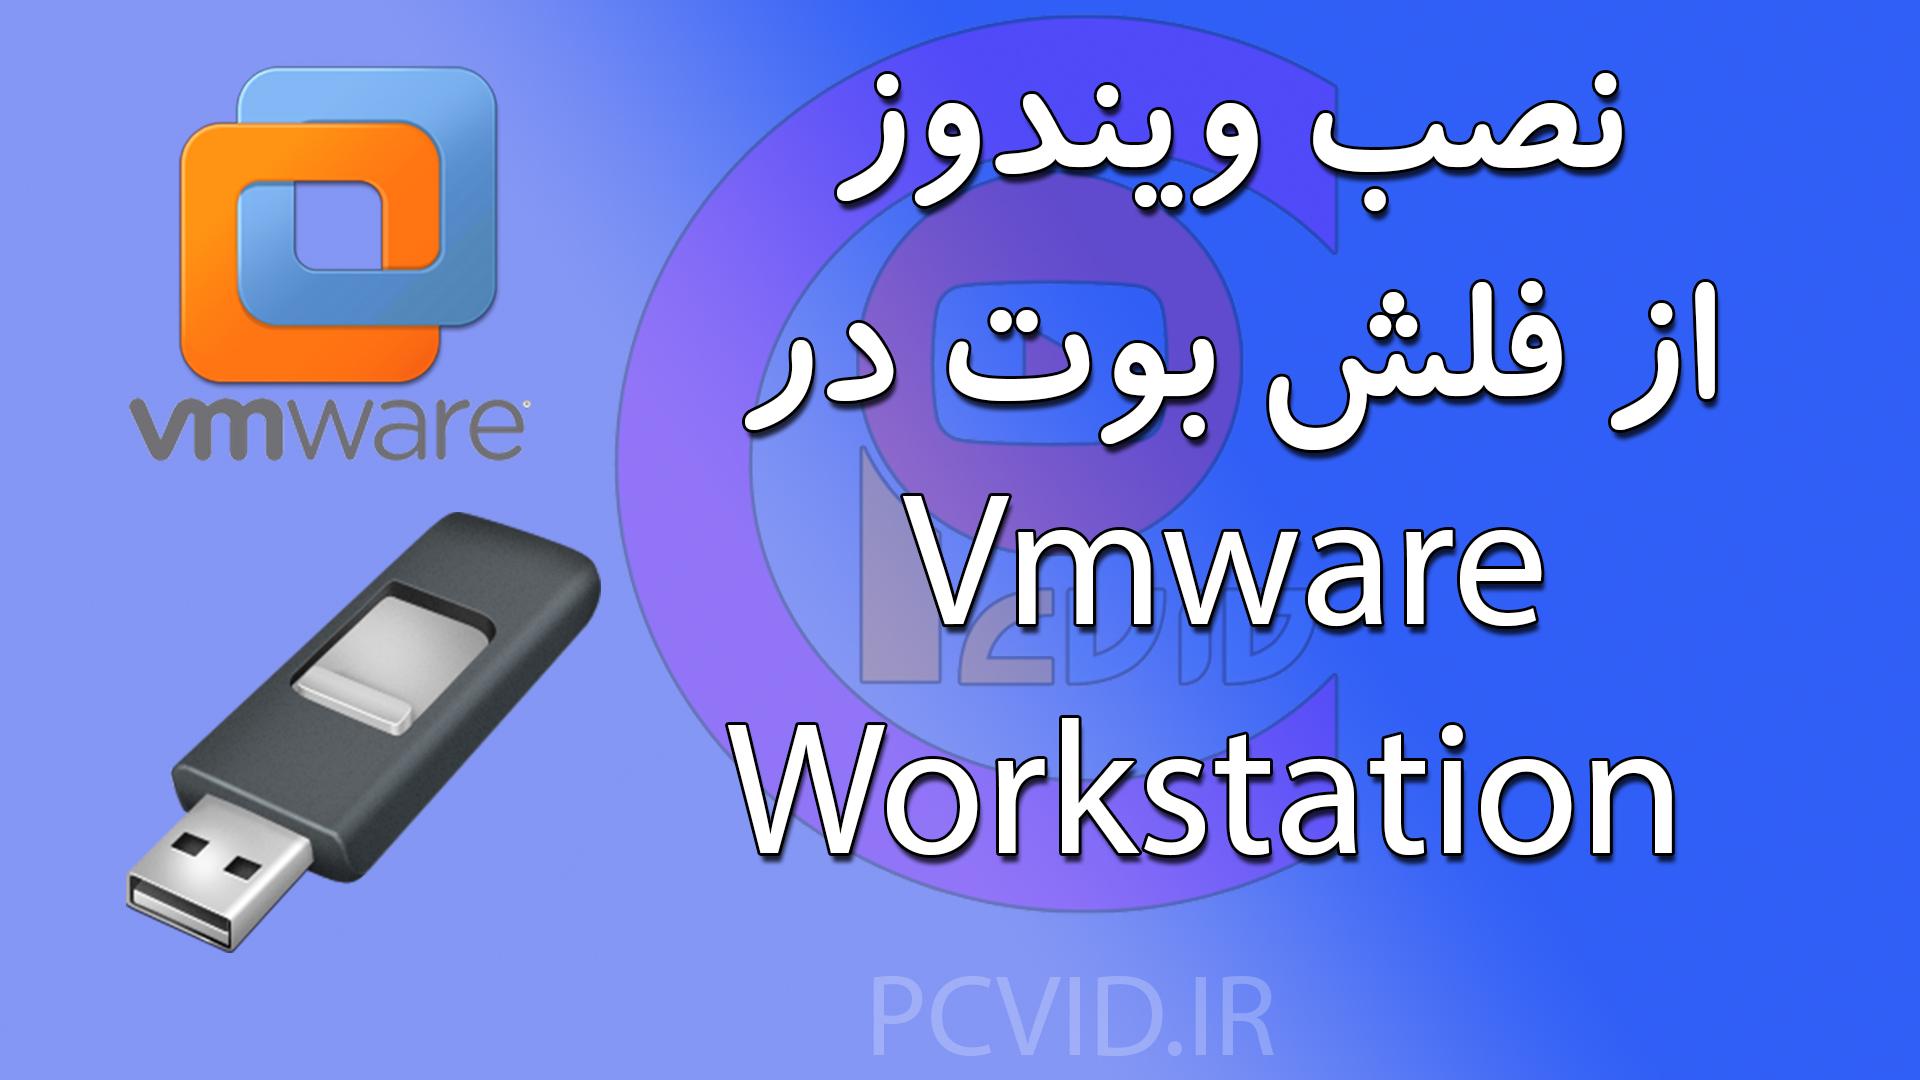 نصب ویندوز با استفاده از فلش بوت در vmware